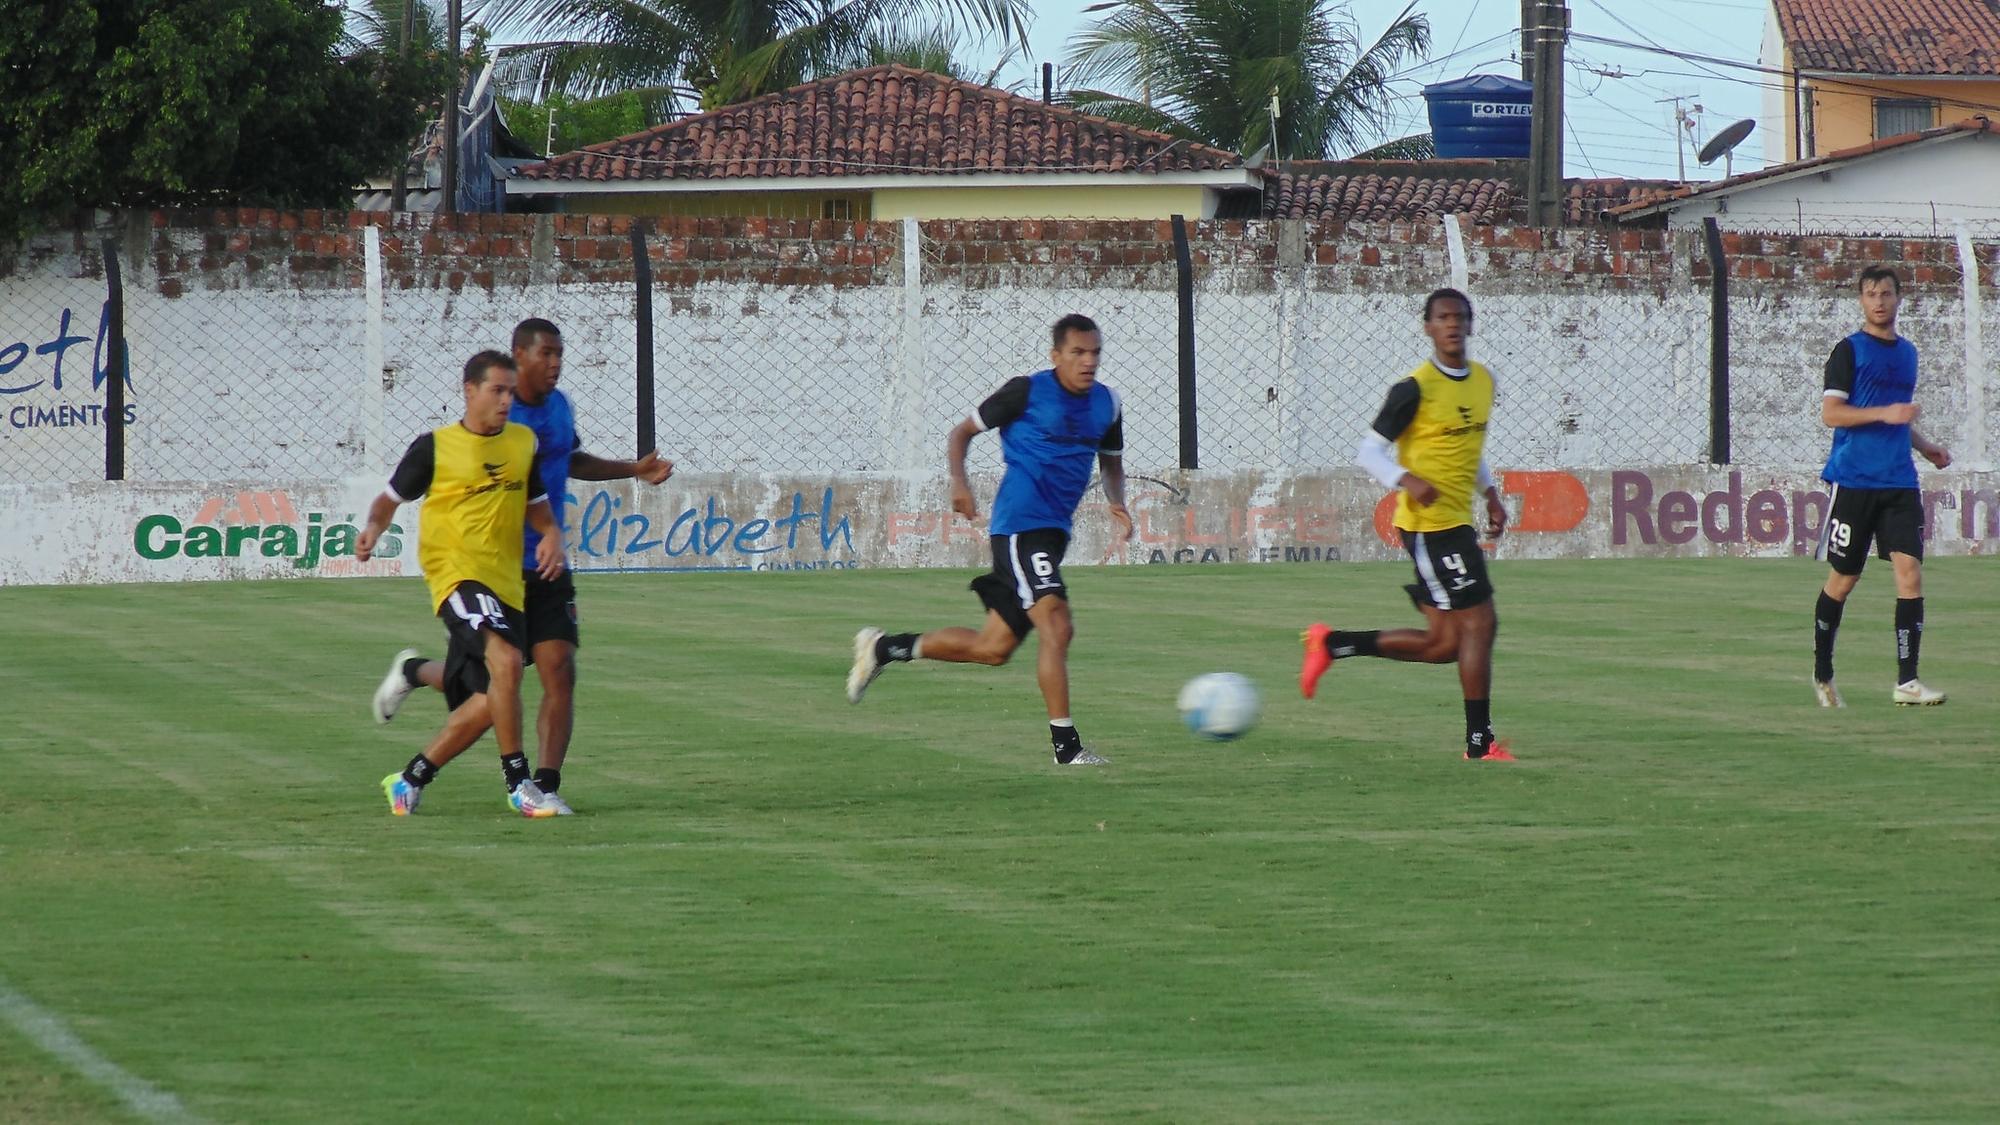 Botafogo-PB encerra sua preparação diante do Alecrim no Estádio ... - Globo.com